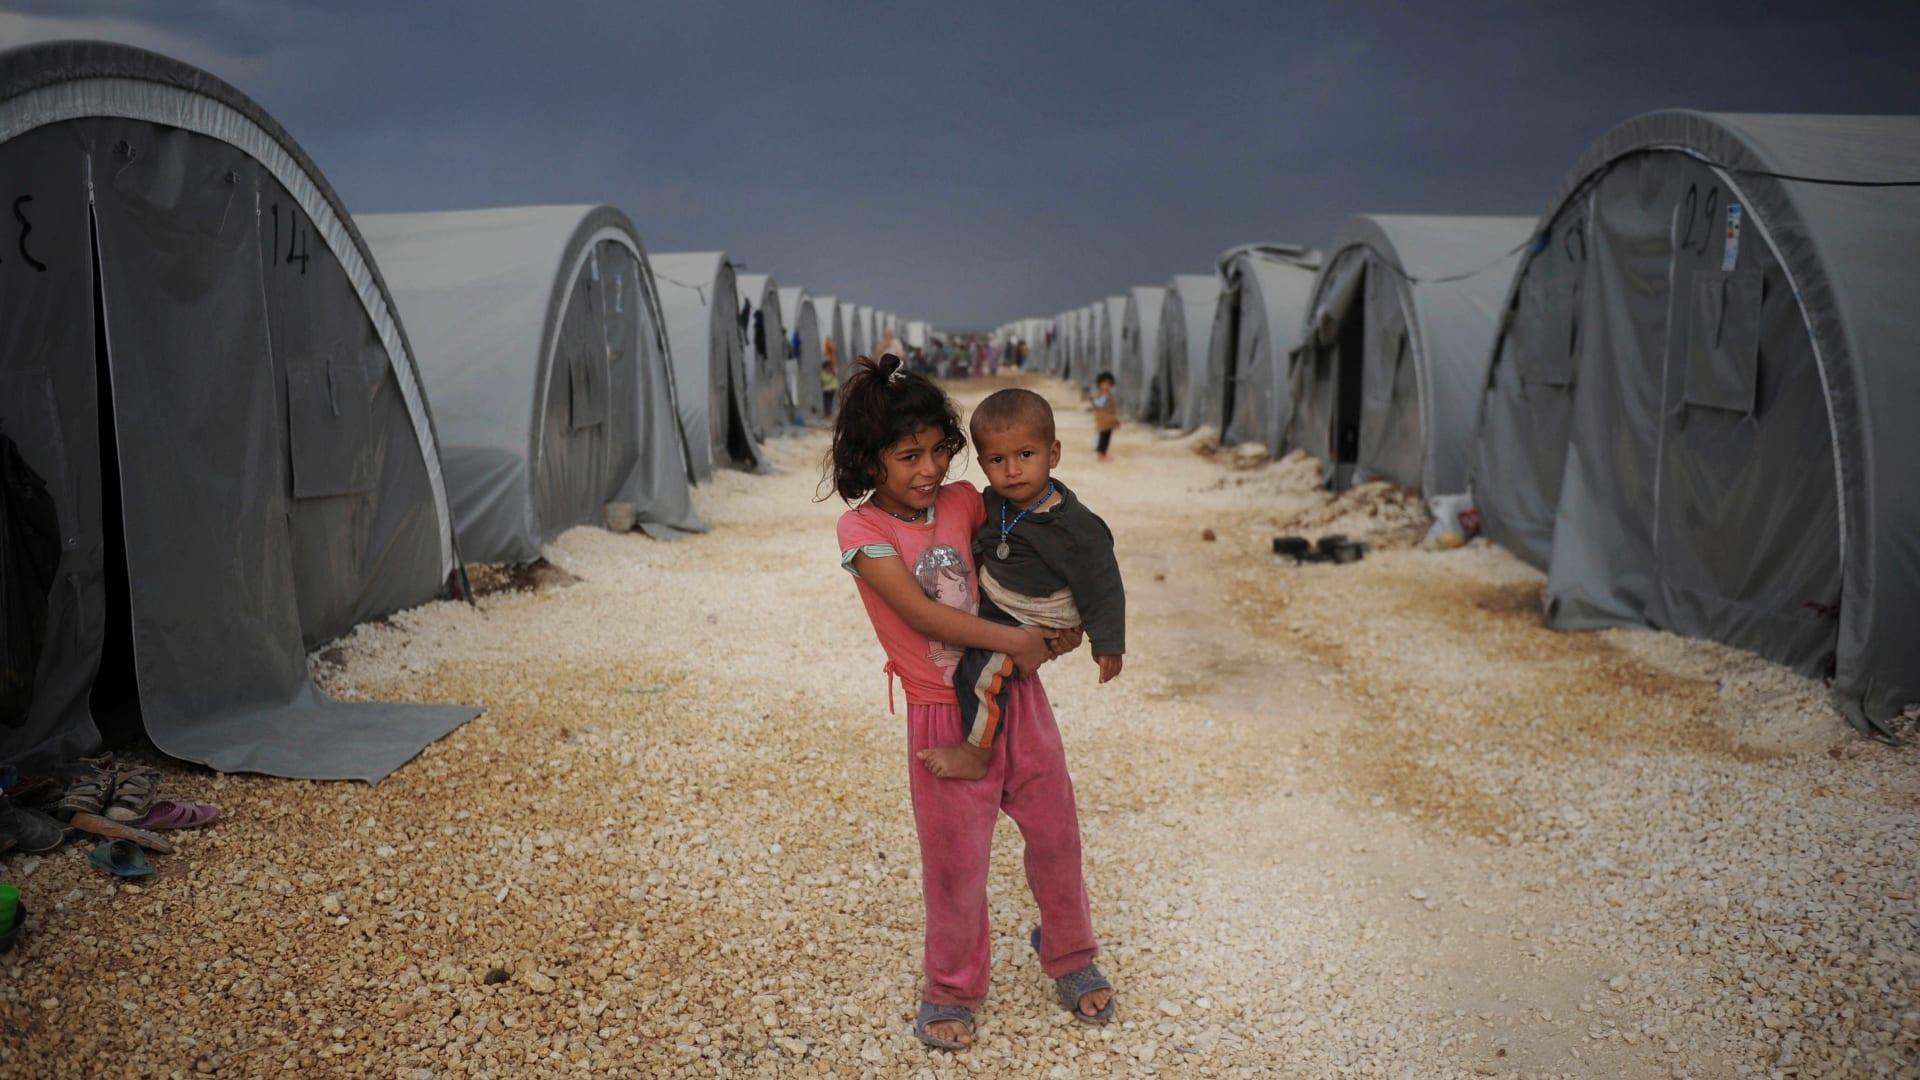 بالأرقام.. قائمة الدول المستضيفة لأكبر عدد من اللاجئين حول العالم